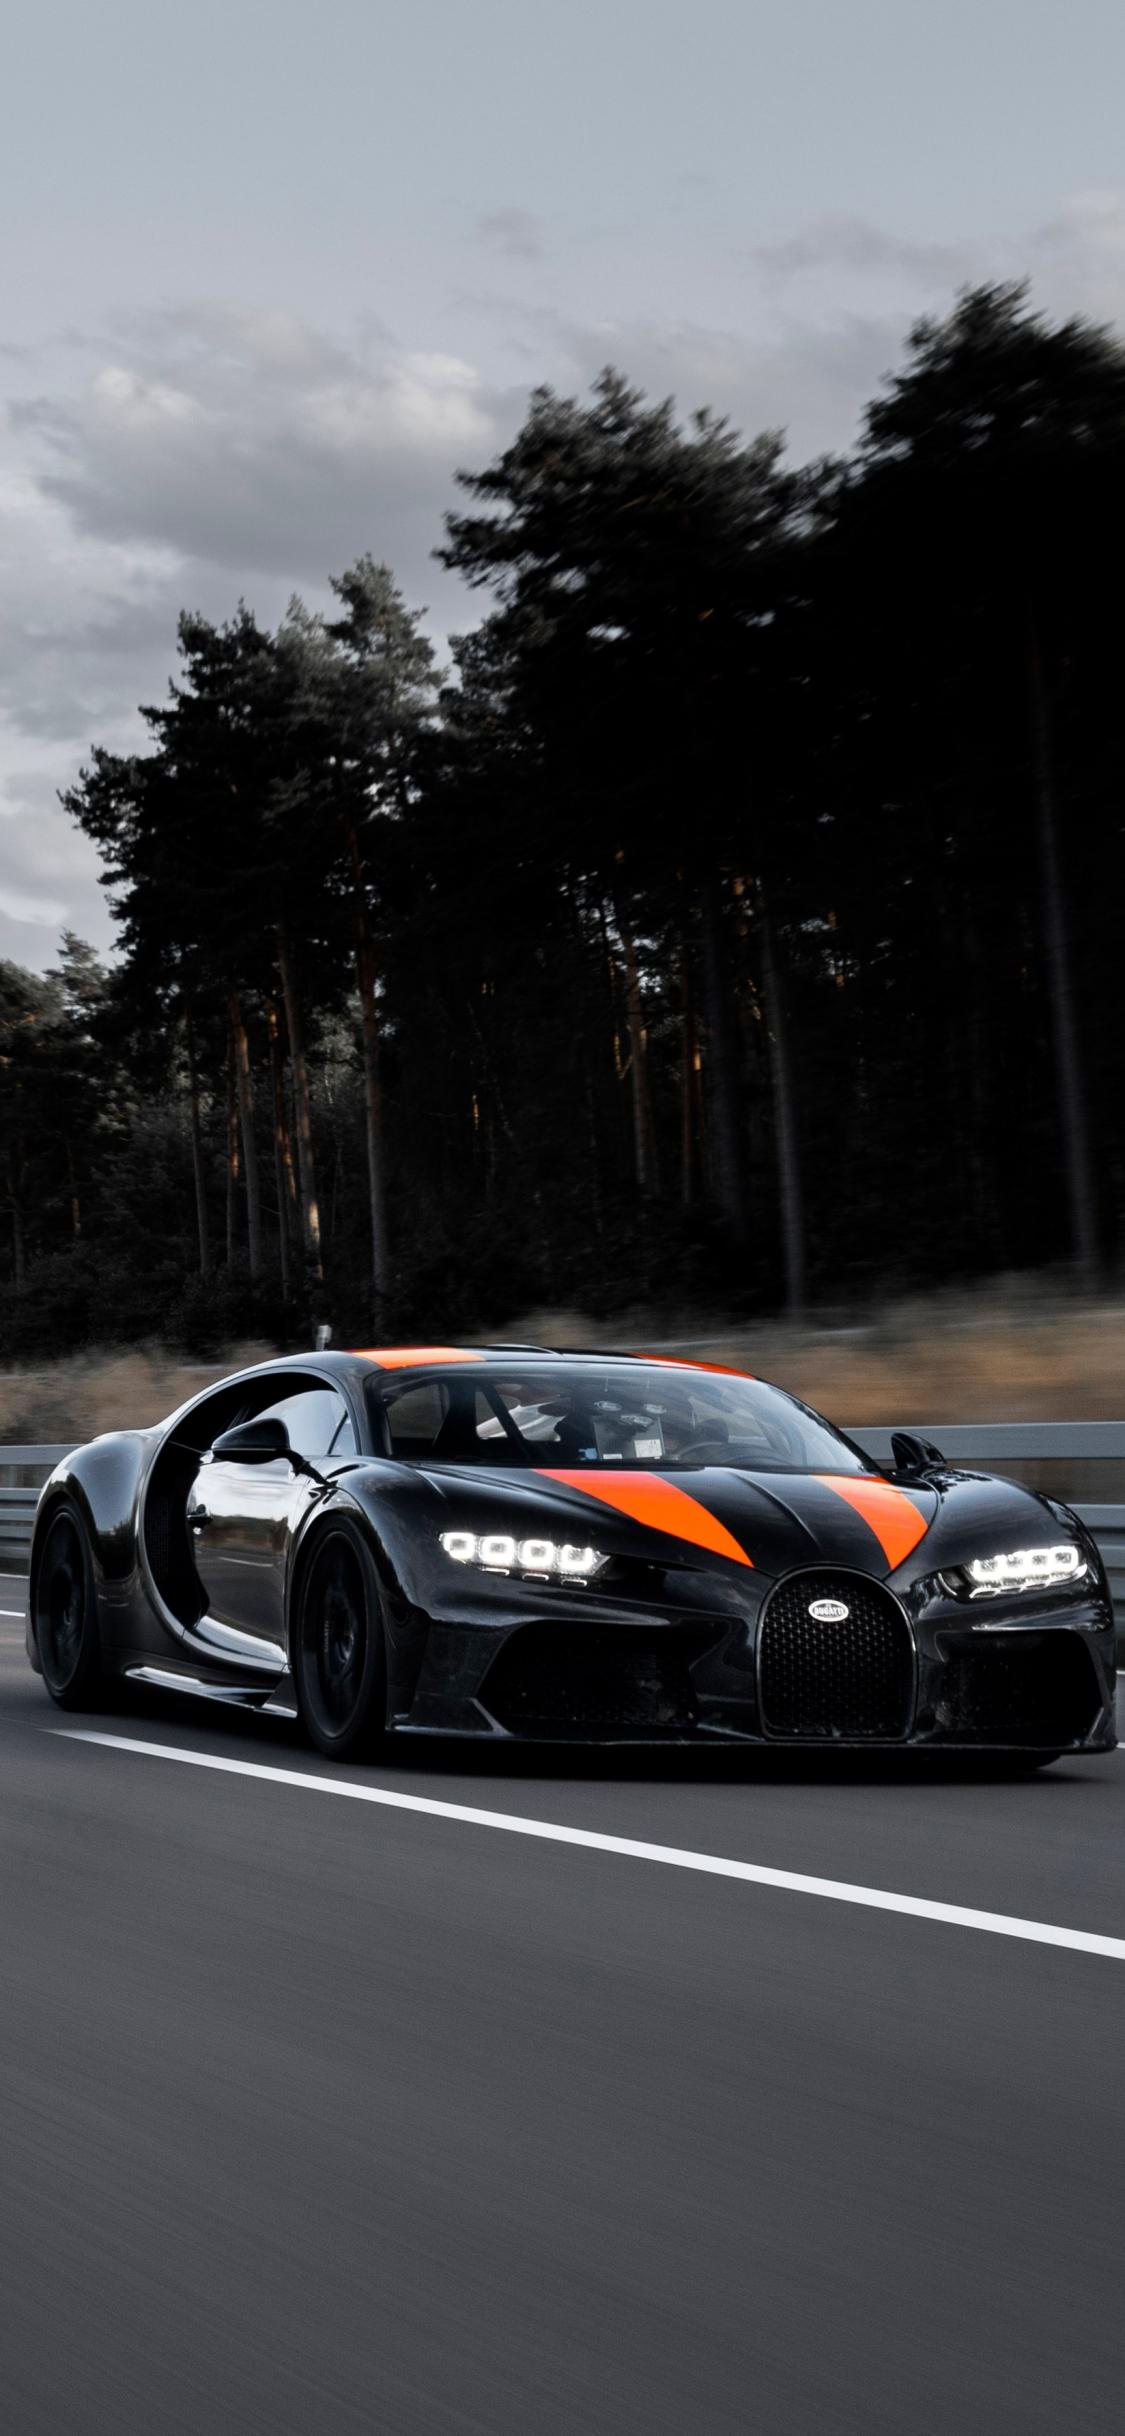 Bugatti Chiron black car mobile wallpaper